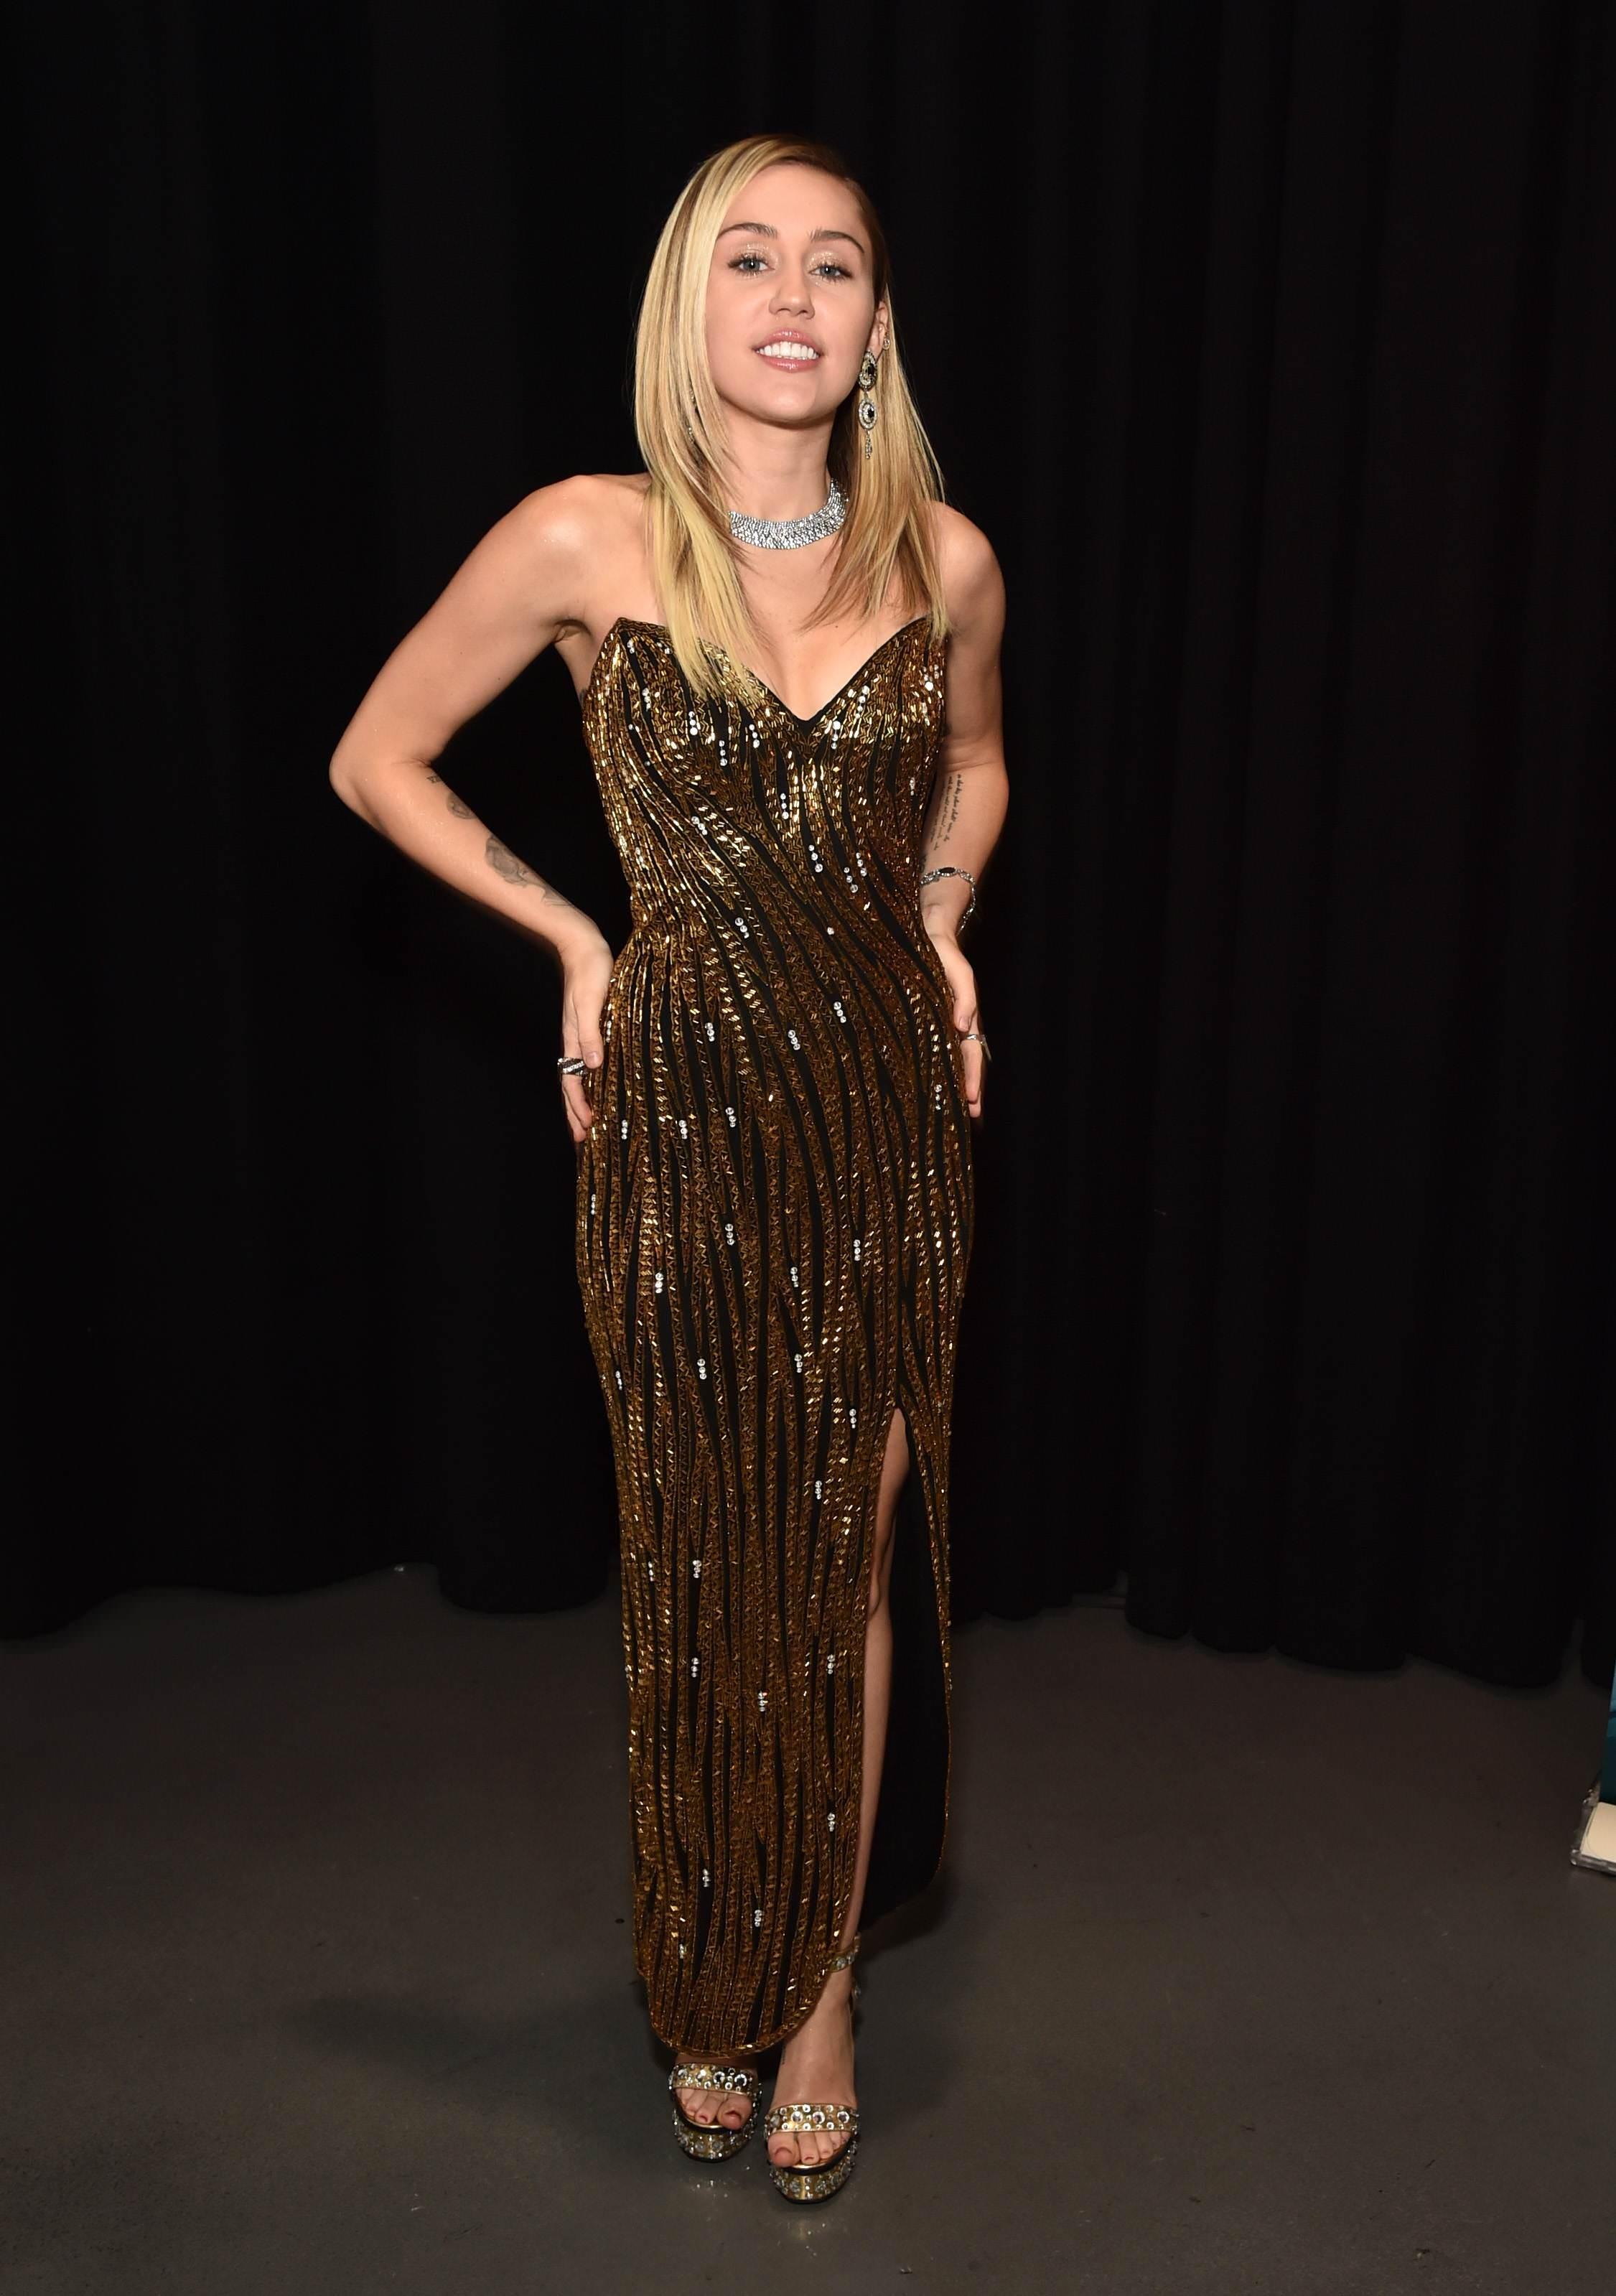 sự thay đổi trong phong cách thời trang của Miley Cyrus 21